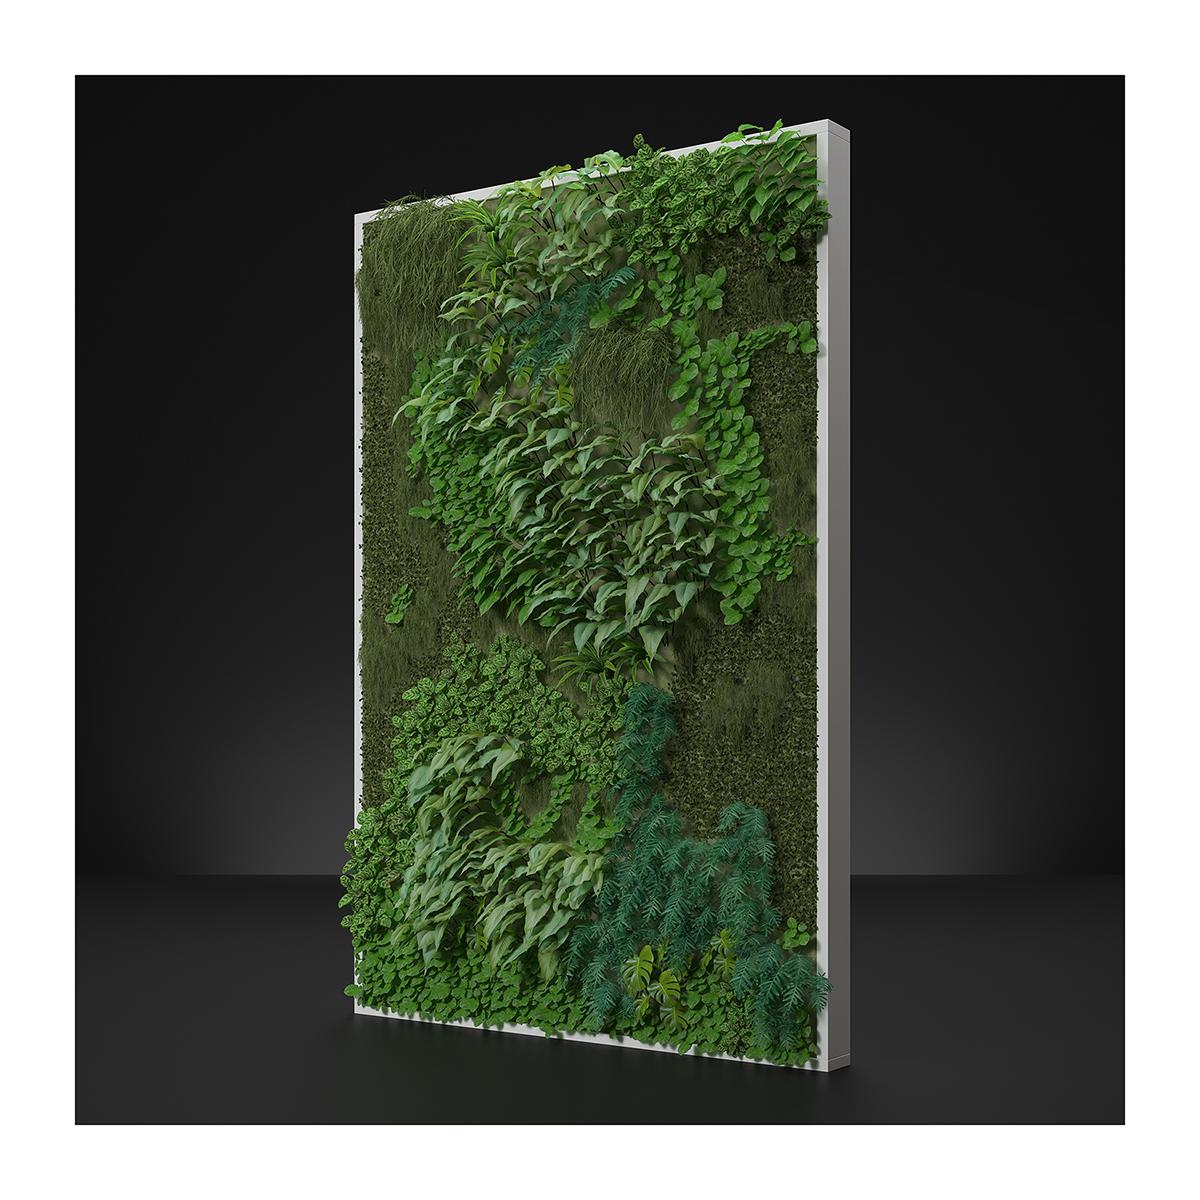 Virtual Vertical Garden N1 003 1 - 2020 - Virtual Vertical Garden N°1